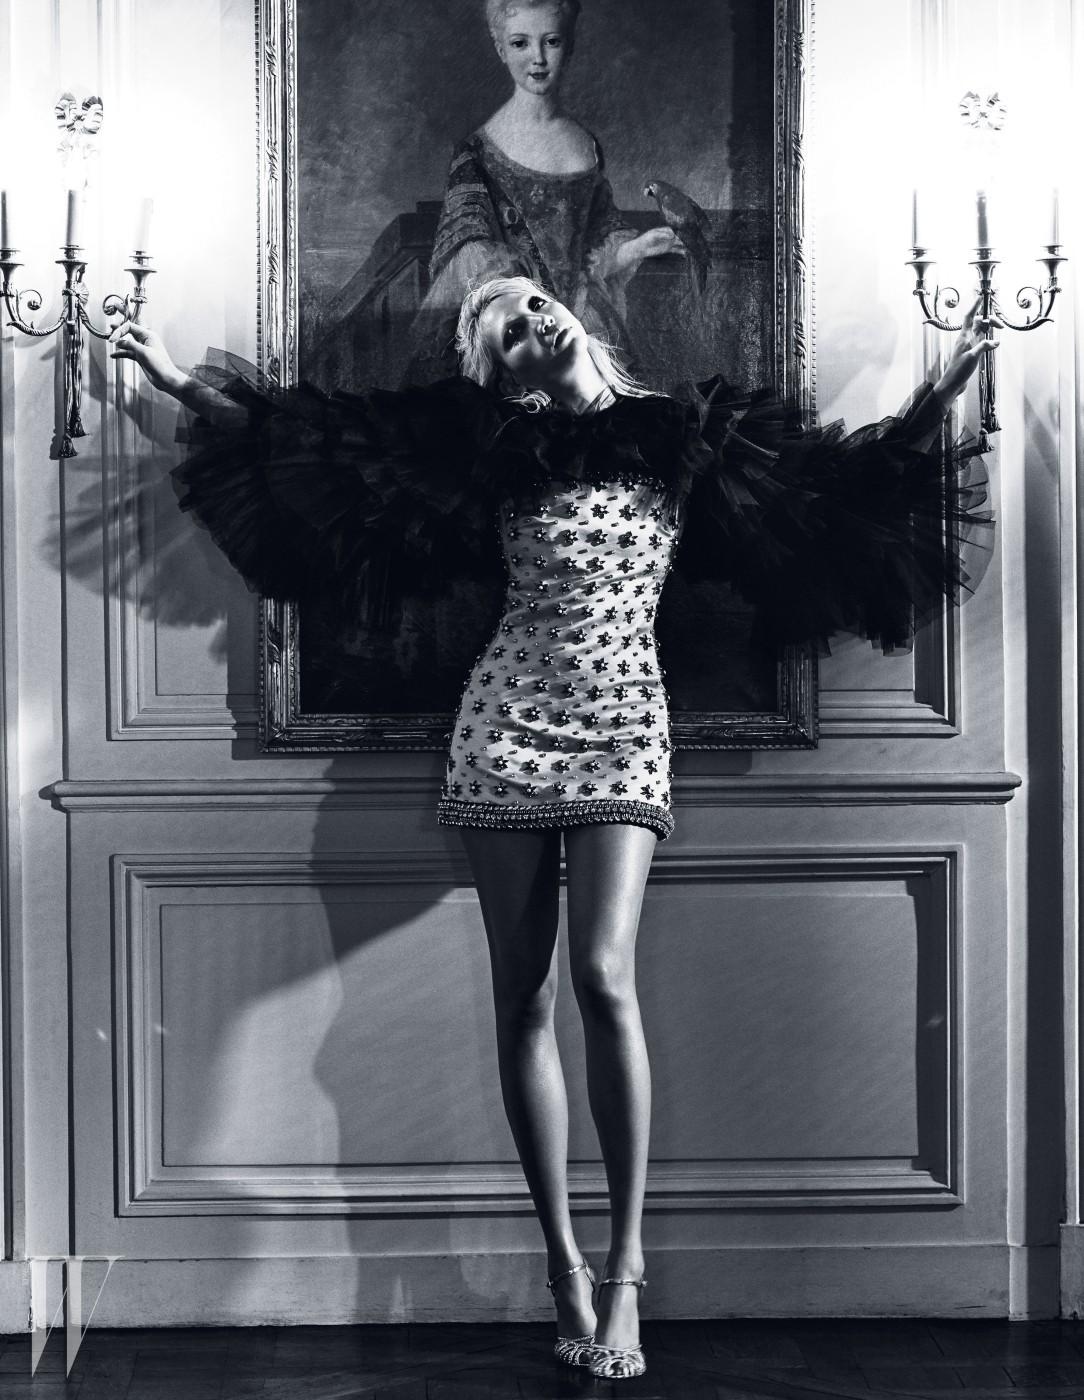 검은색 튤로 날개를 형상화한 주얼 장식 미니 드레스와 주얼 장식 앵클 스트랩 슈즈는 Giambattista Valli Haute Couture 제품.